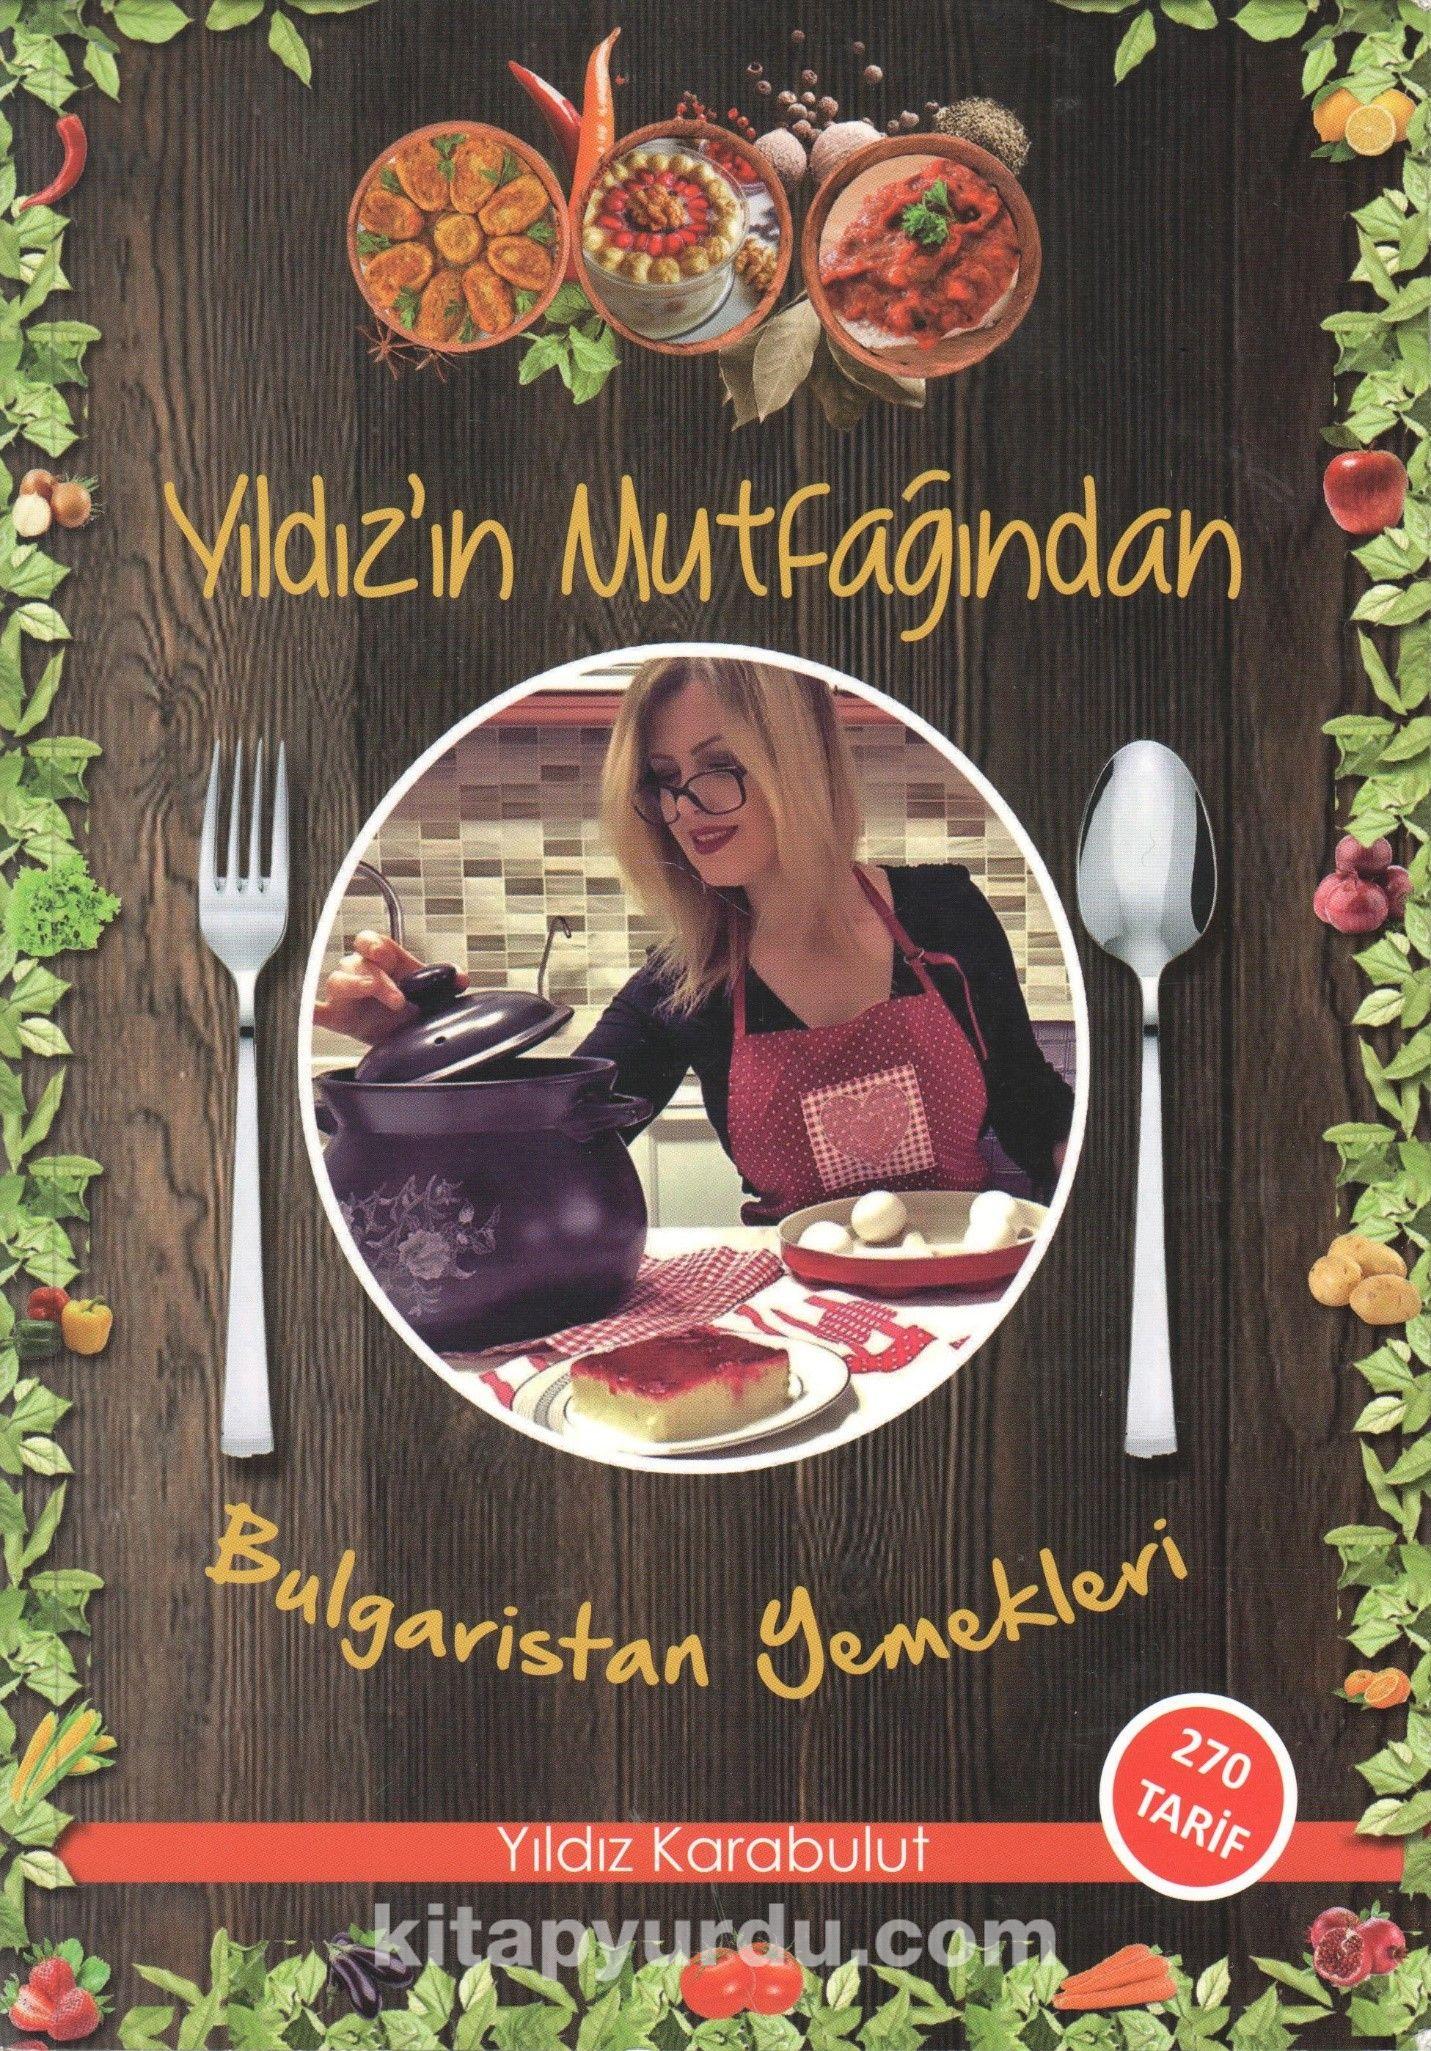 Yıldız'ın Mutfağından Bulgaristan Yemekleri